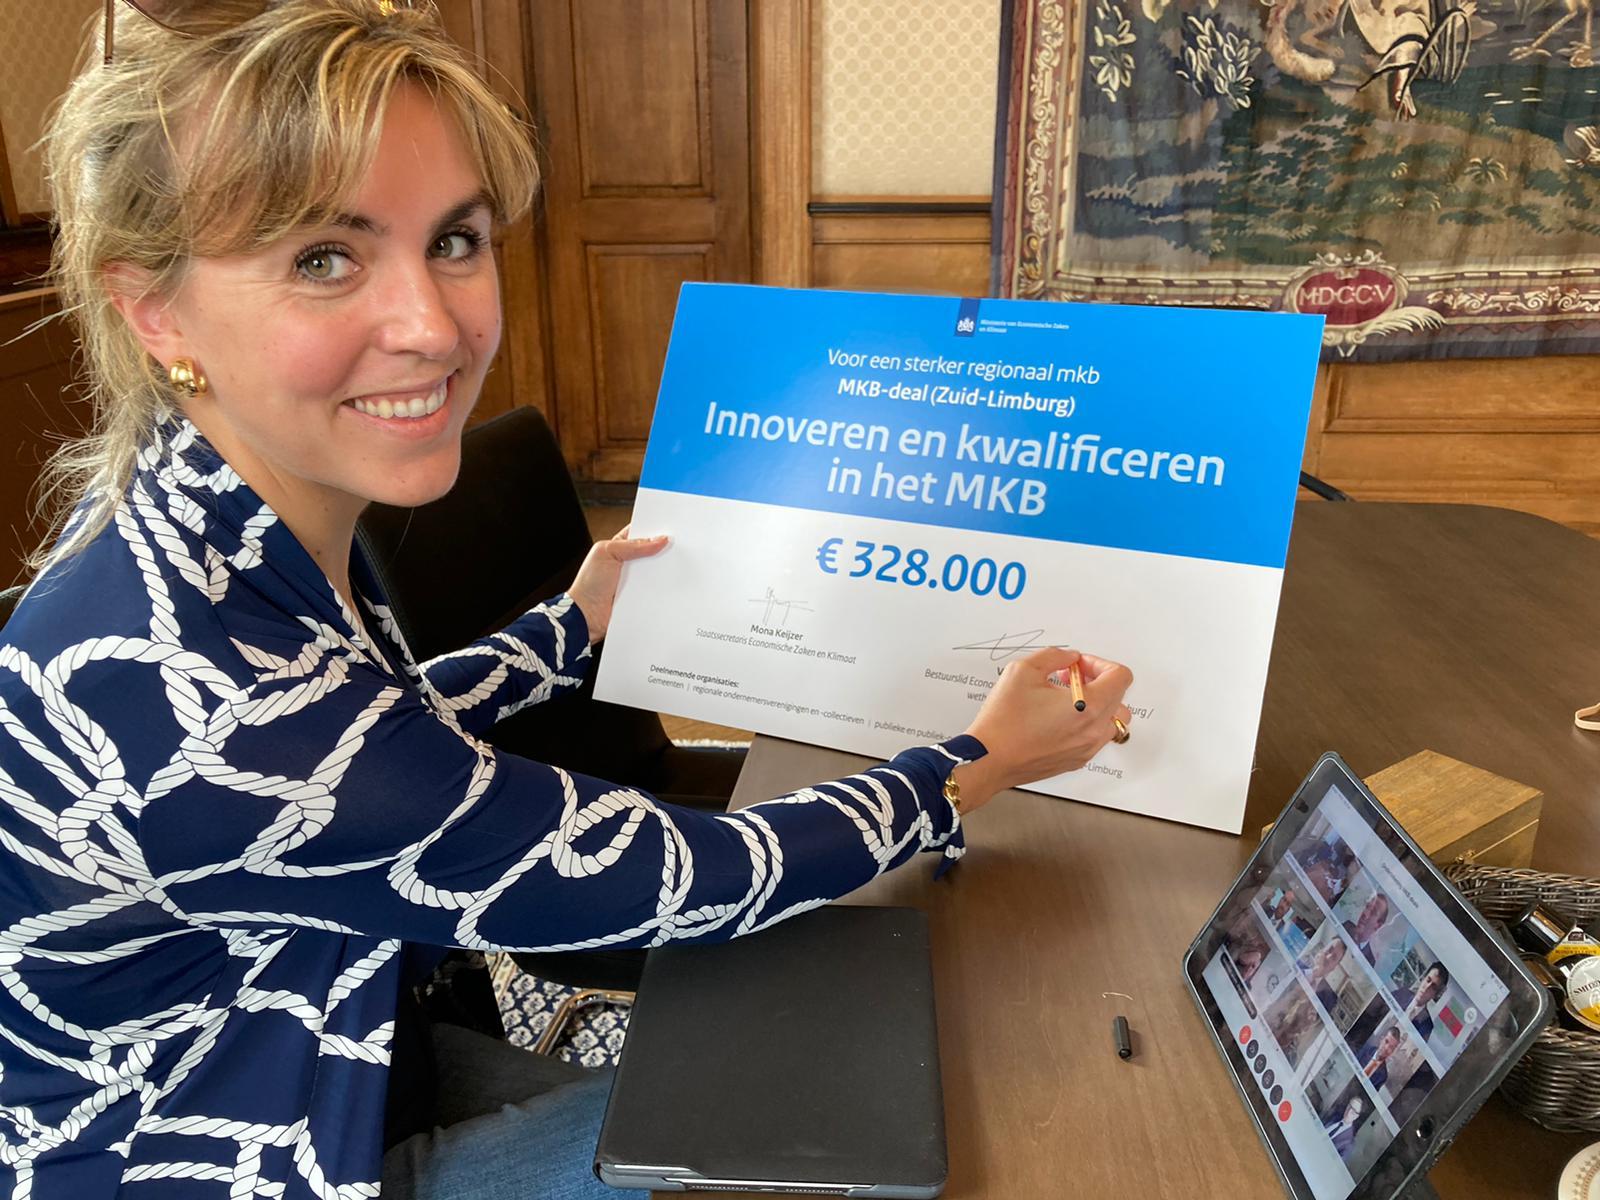 Ruim 7 miljoen euro uit actieplan voor regionaal MKB, o.a. in Limburg